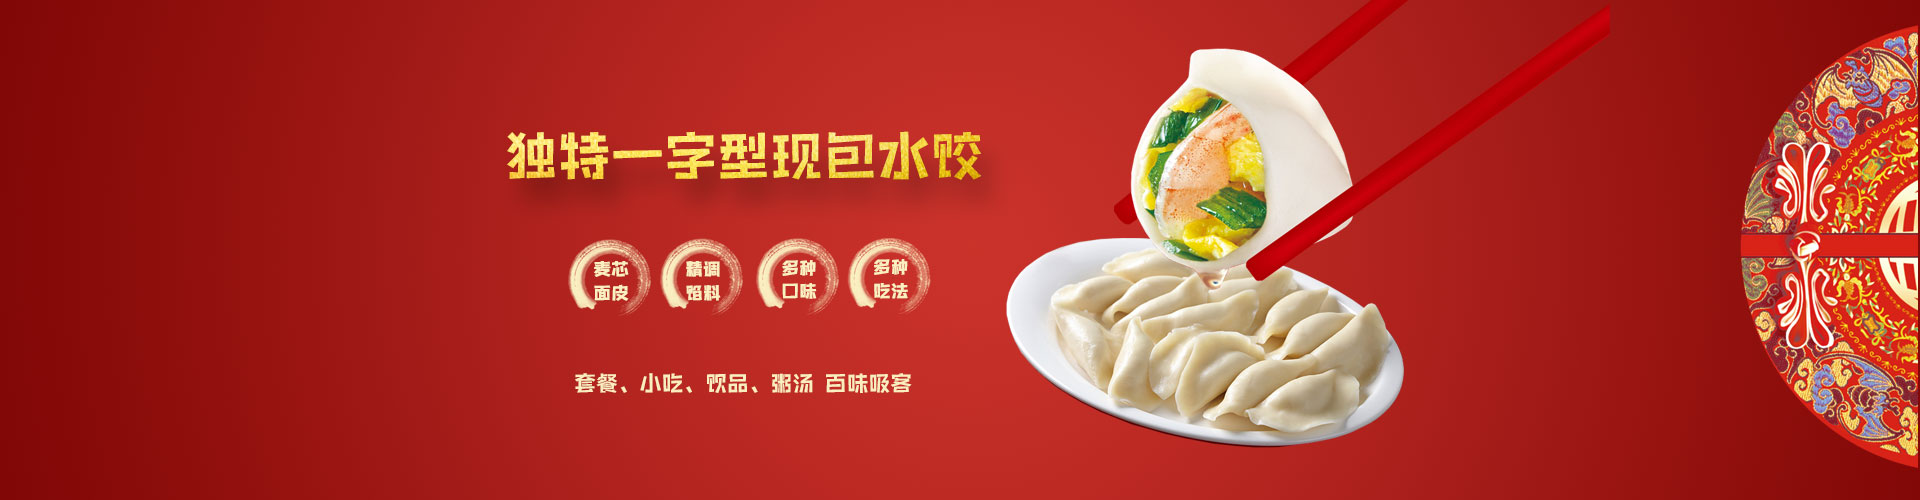 喜秒福特色水饺